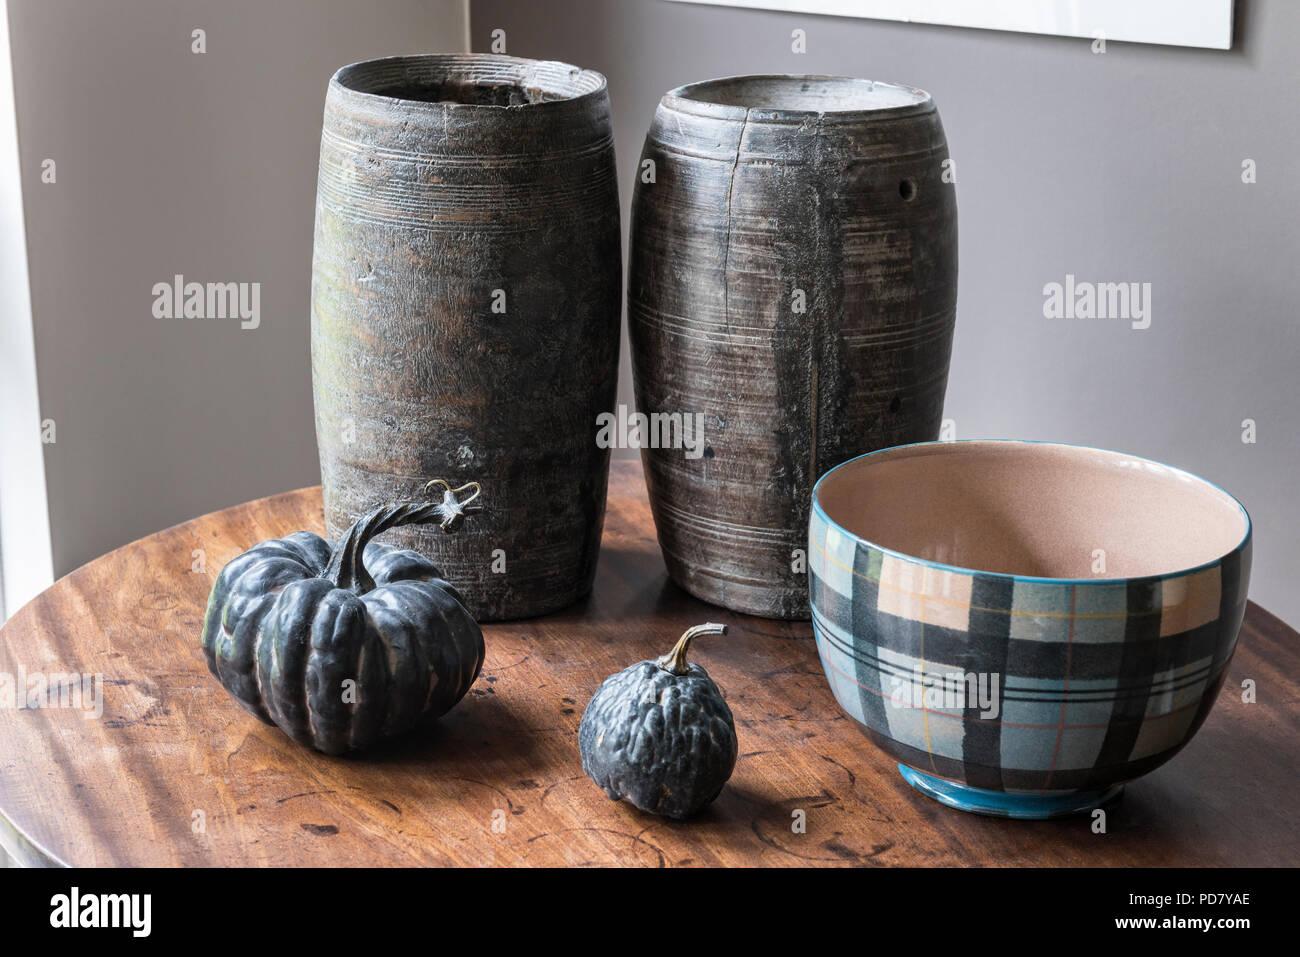 Dos botes de madera de Sudáfrica son mostrados en una pequeña mesa en el salón con calabazas secadas y un cuenco de Anta. Foto de stock